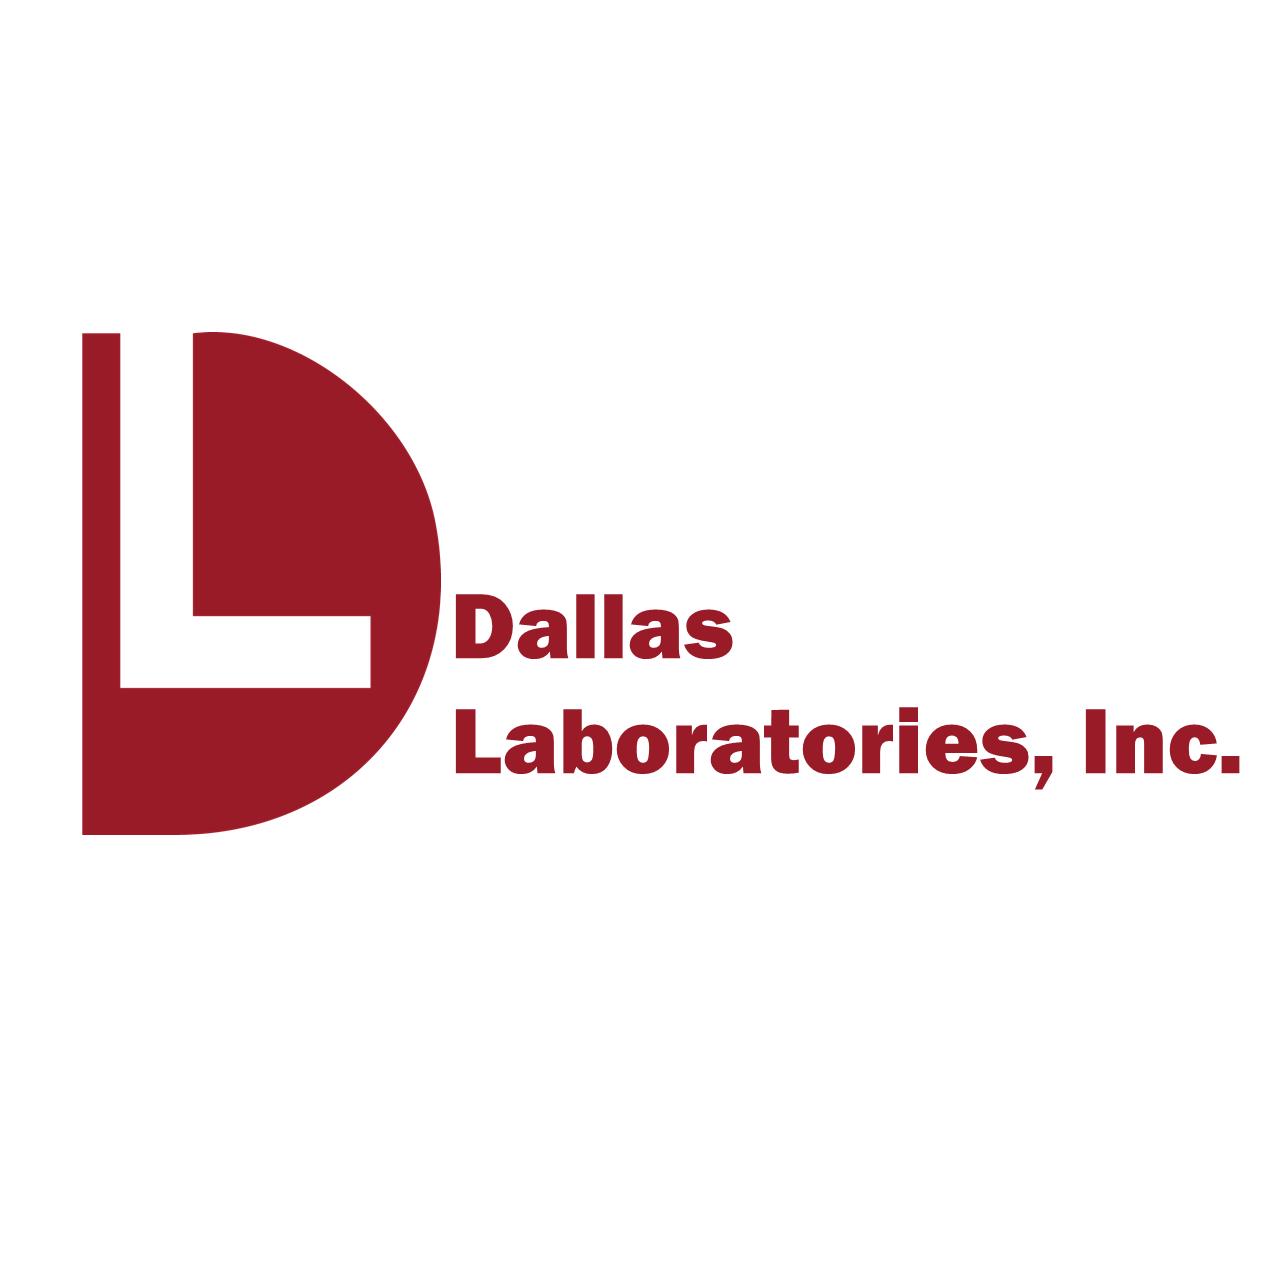 Dallas Laboratories, Inc. - Dallas, TX - Business Consulting